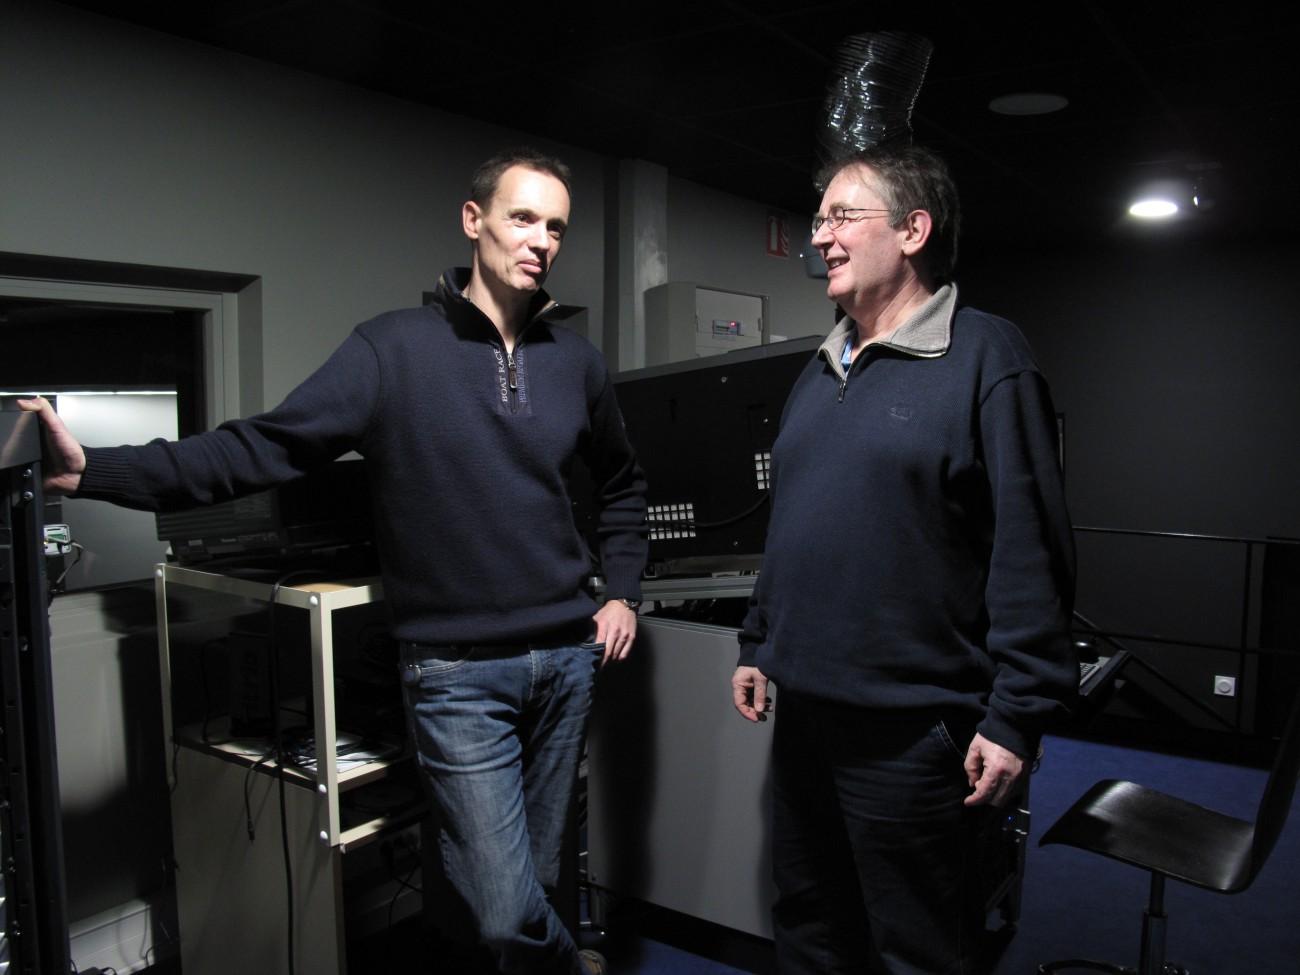 Christophe Lapeyre et Gérard Le Cann dans la salle de projection du Rex.